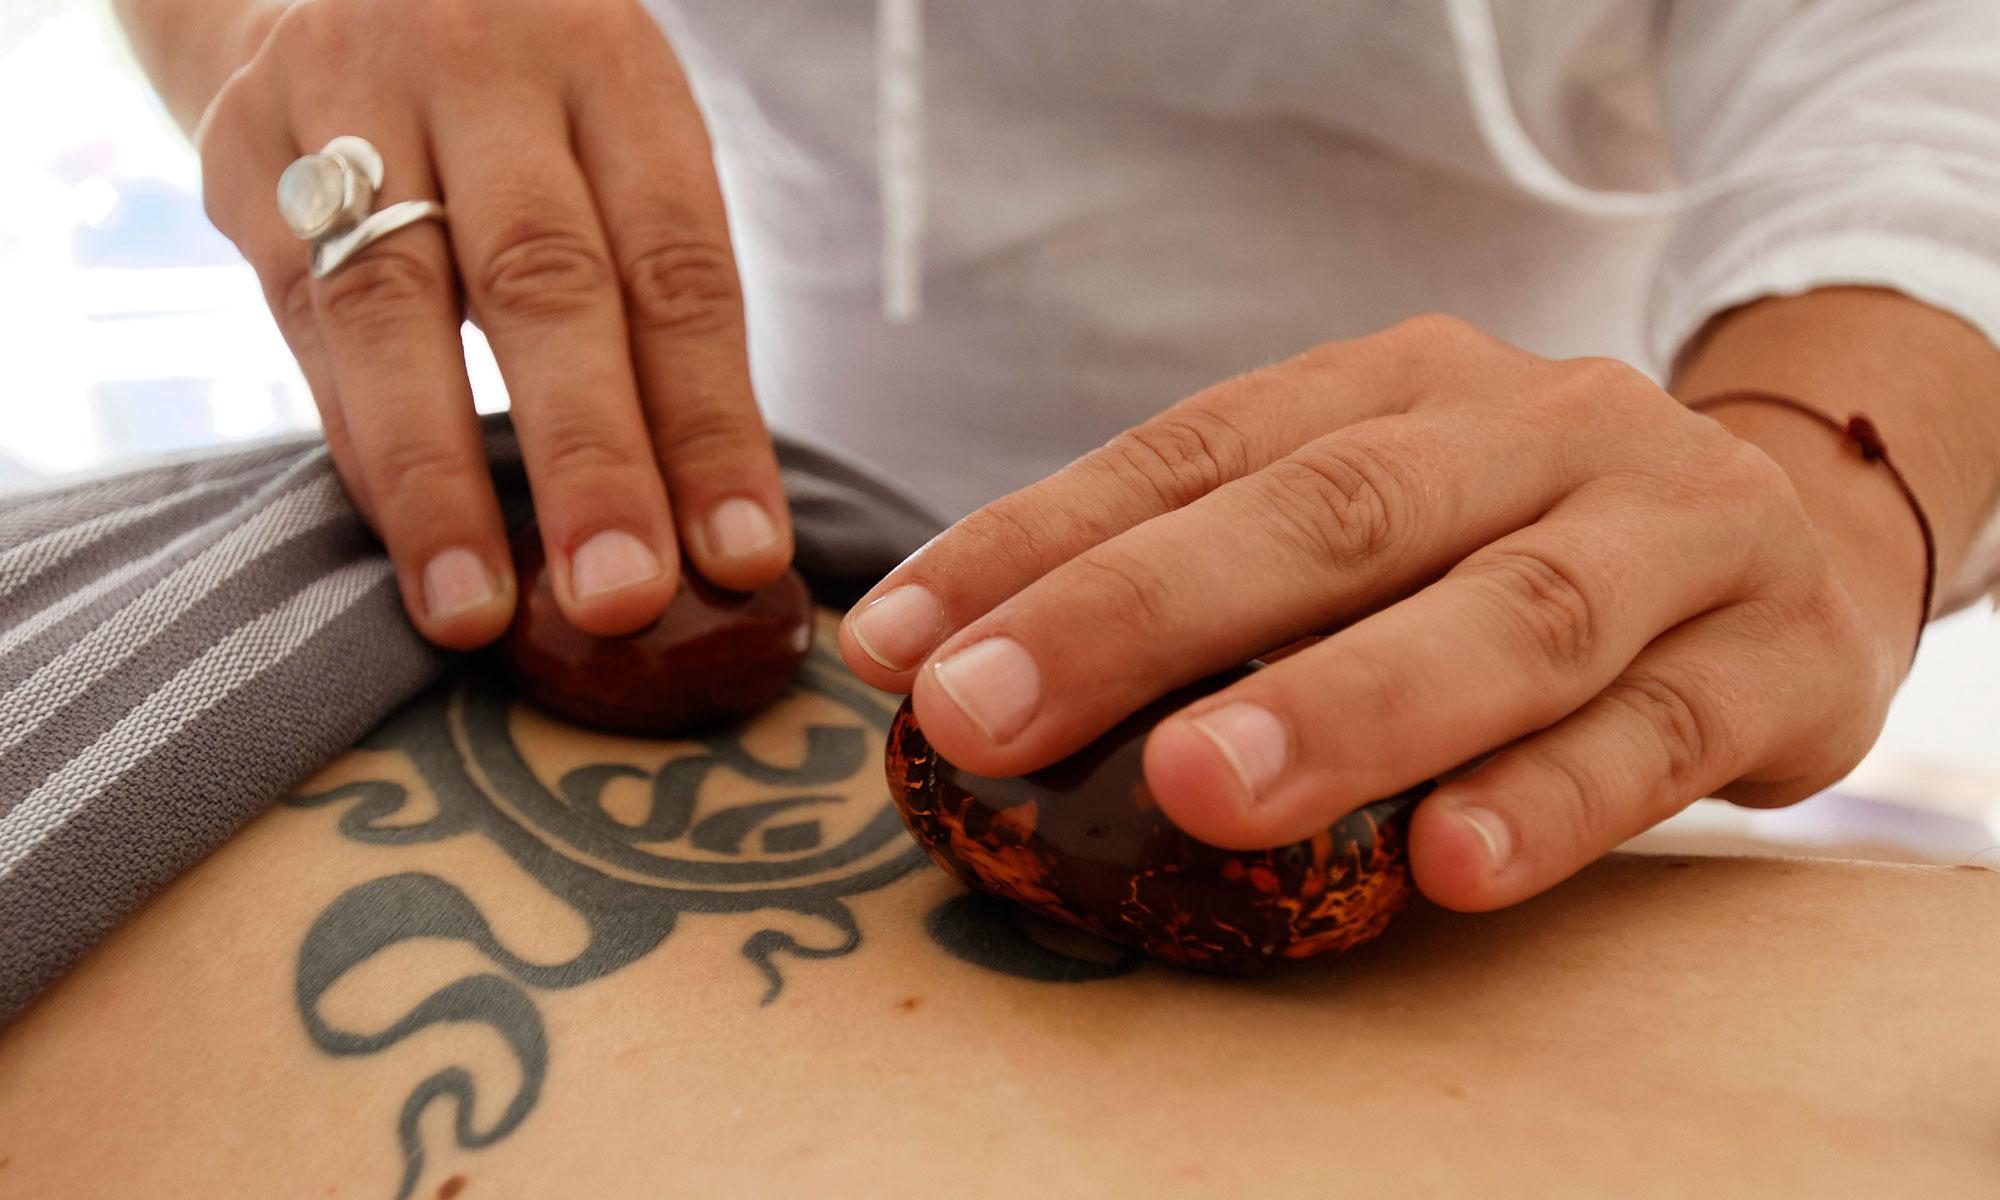 Mains applicant des pierres chaudes dans le dos